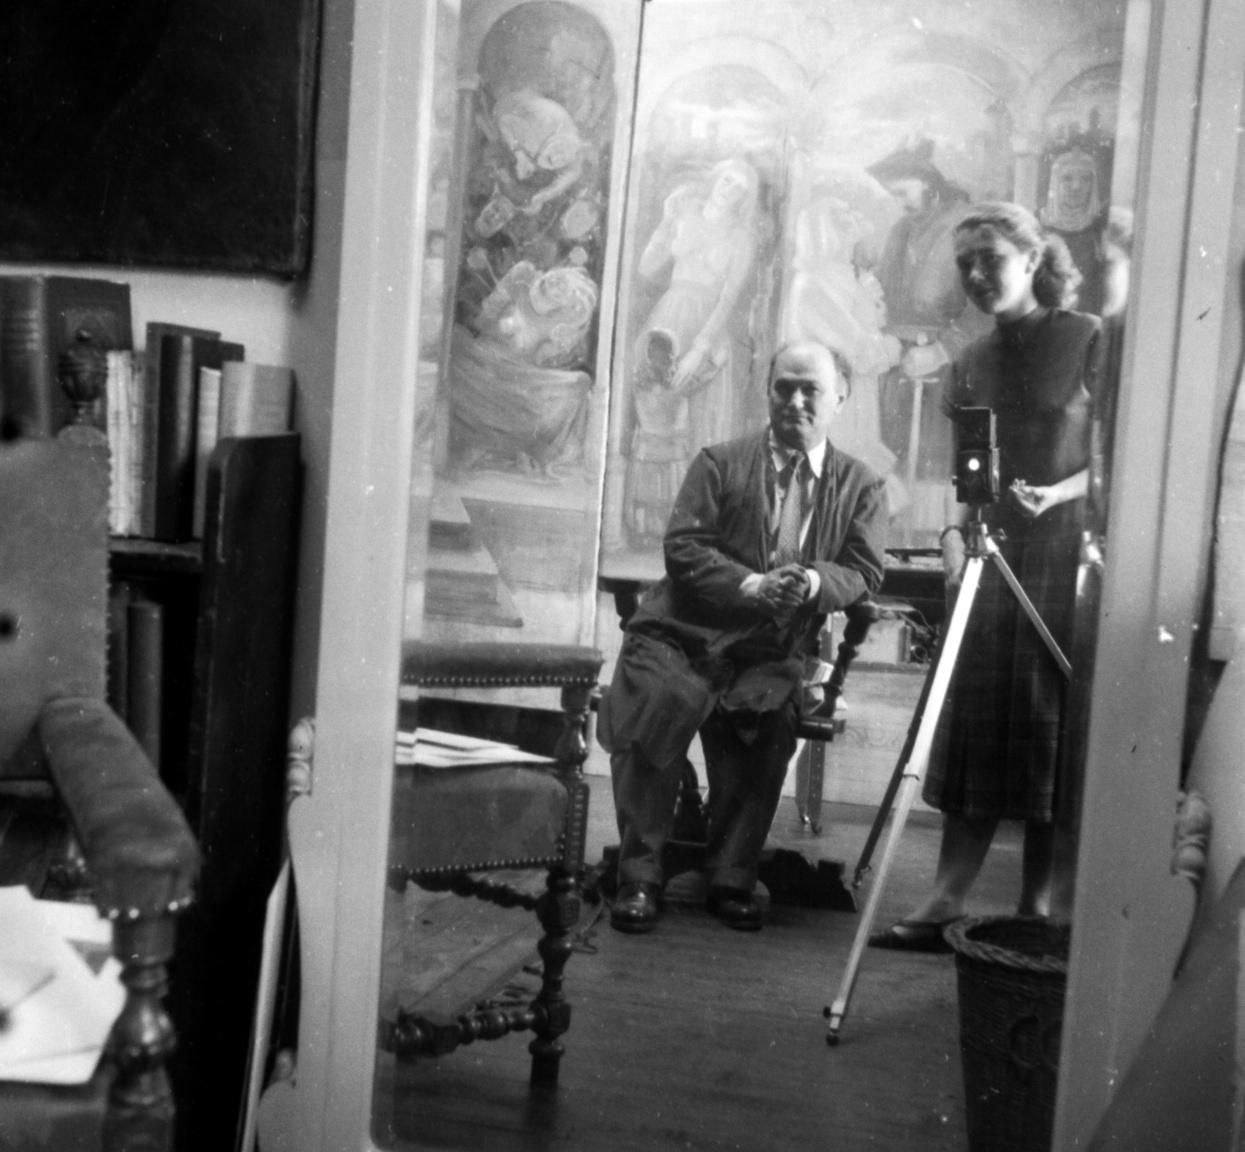 Akik már régóta ismerik egymást: Szenczi Mária és Ruzicskay György a festőművész-grafikus  epreskerti műtermében. Háttérben a Bánk Bán és Tiborc című műRuzicskay György (1896–1993) Szarvason született, sok külföldi tanulmányút, évtizedes viharok után végül 1960-ban ide tért vissza. Munkáinak egy részét még életében múzeumban helyezték el.                         A fotókon szereplő festmények hollétéről semmit sem tudni, viszont a Ruzicskay Alkotóház állandó kiállításában egy-egy kisebb méretű pasztell másolat található róluk. A Bánk bánhoz való kapcsolatáról annyit sikerült csak kideríteni, hogy a dráma 1946-os nagyváradi bemutatóján Ruzicskay tervezte a díszleteket.